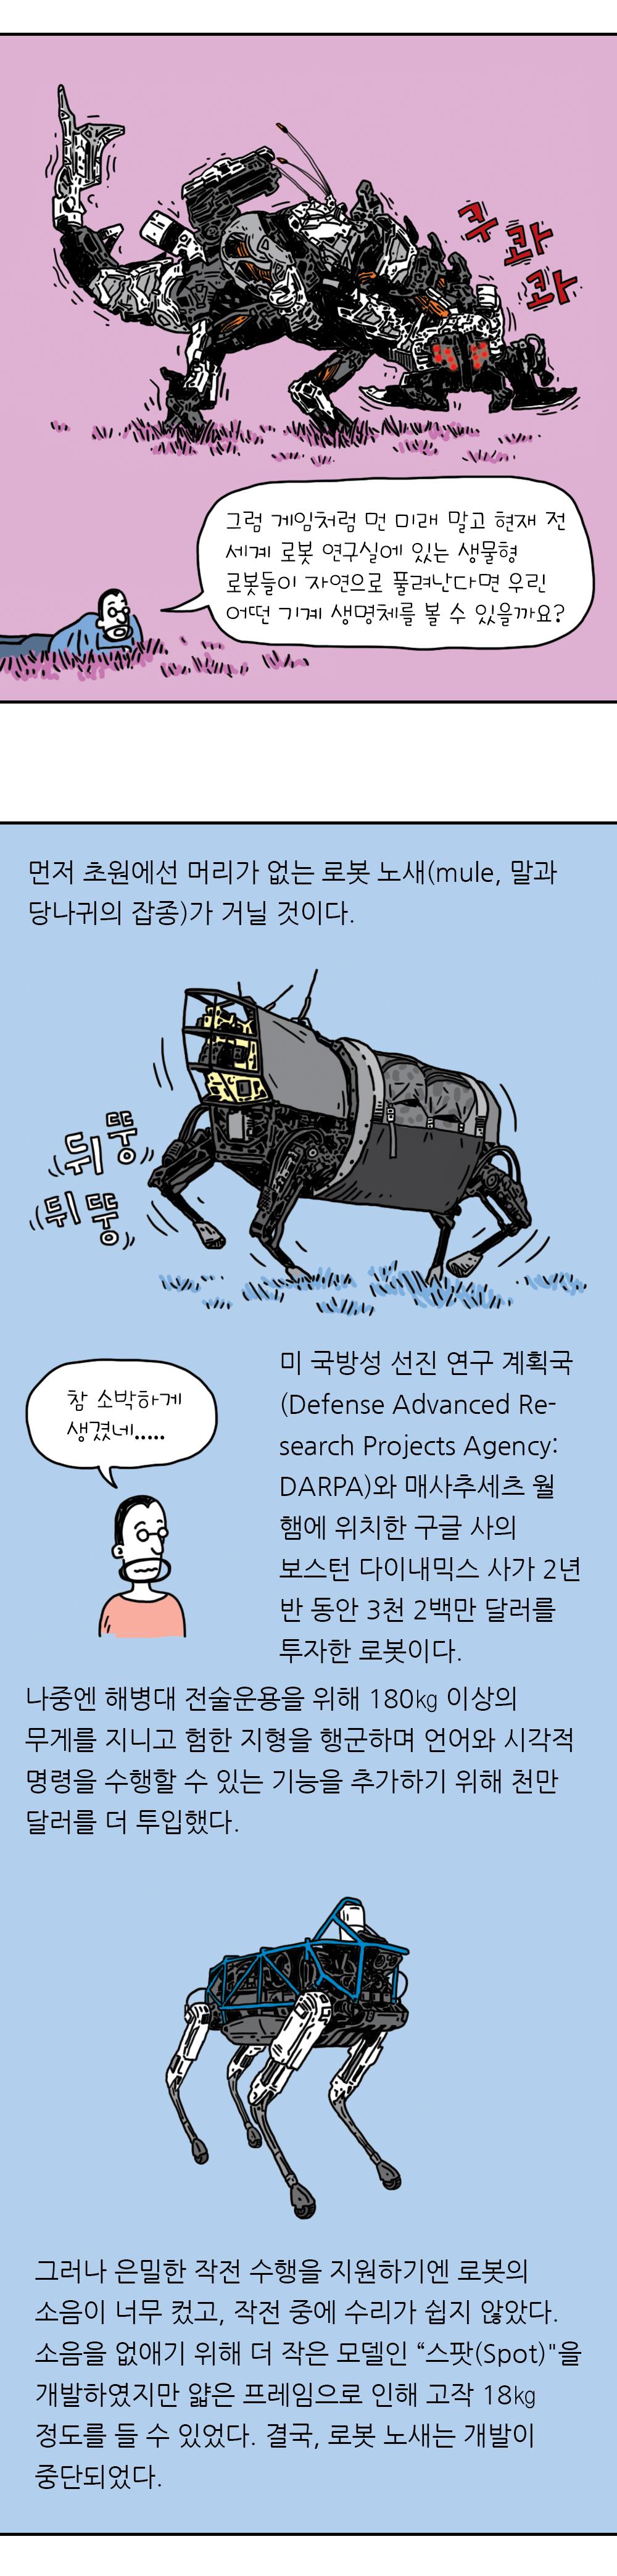 사이언티픽 게이머즈 시즌3 #3 생물을 닮은 로봇의 출현 : 호라이즌 제로 던 4